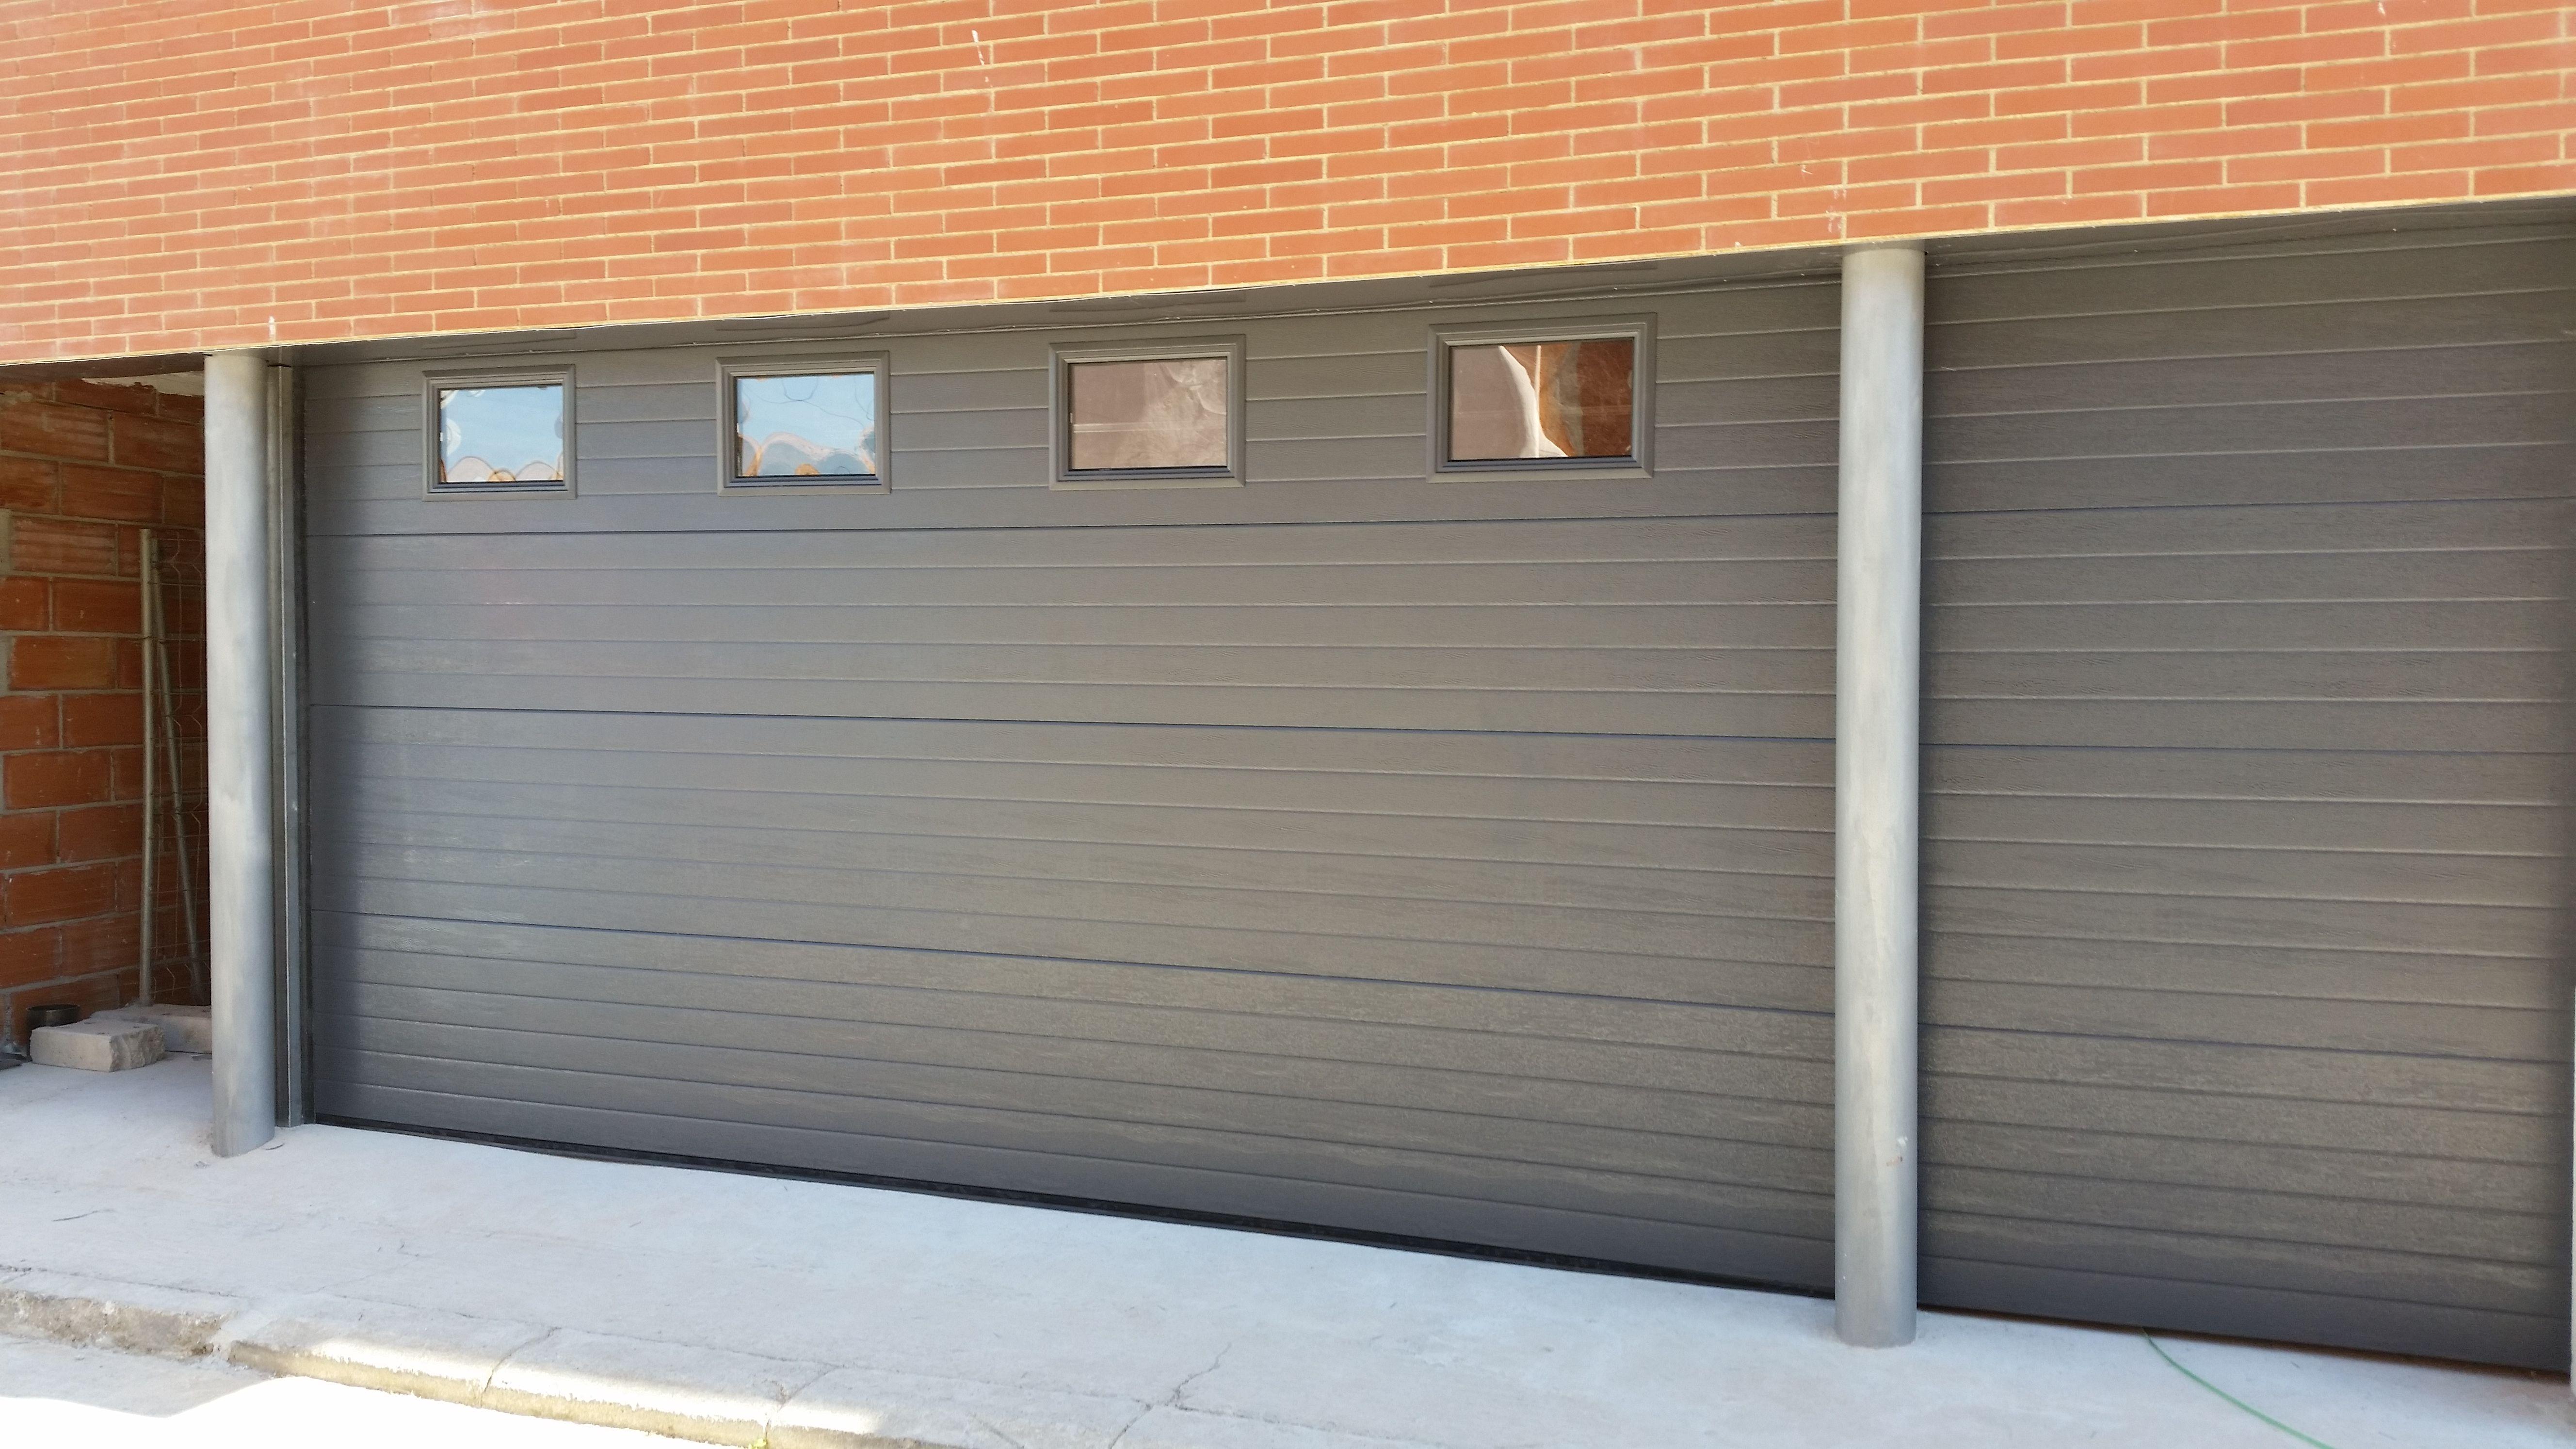 Puerta Seccional En Color Ral 7024 Con Panel Acanalado Rugoso De Tipo Woodgrain Con 4 Ventanas Insertadas Fijo Lateral Puertas De Garaje Ventanas Colores Ral